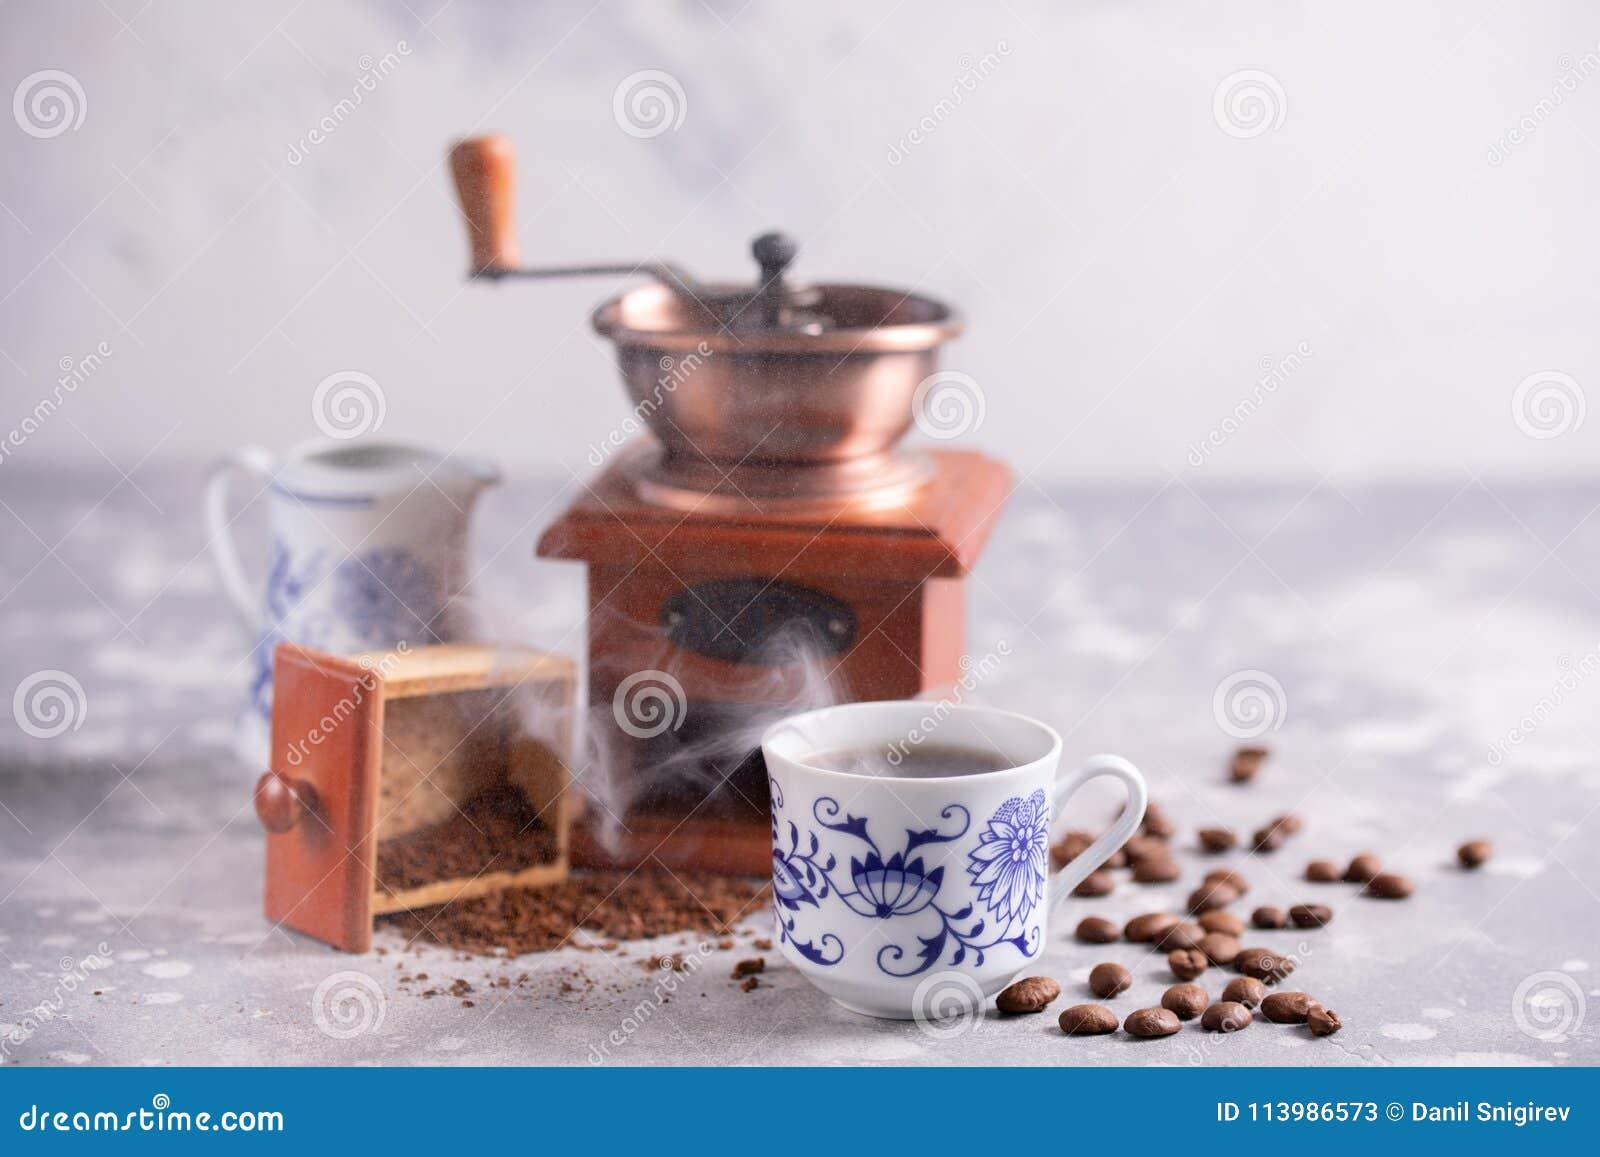 Körner des Kaffees fallen aus einer Weinlesekaffeemühle heraus Heißer schwarzer Kaffee in einem schönen Porzellan höhlen auf dem